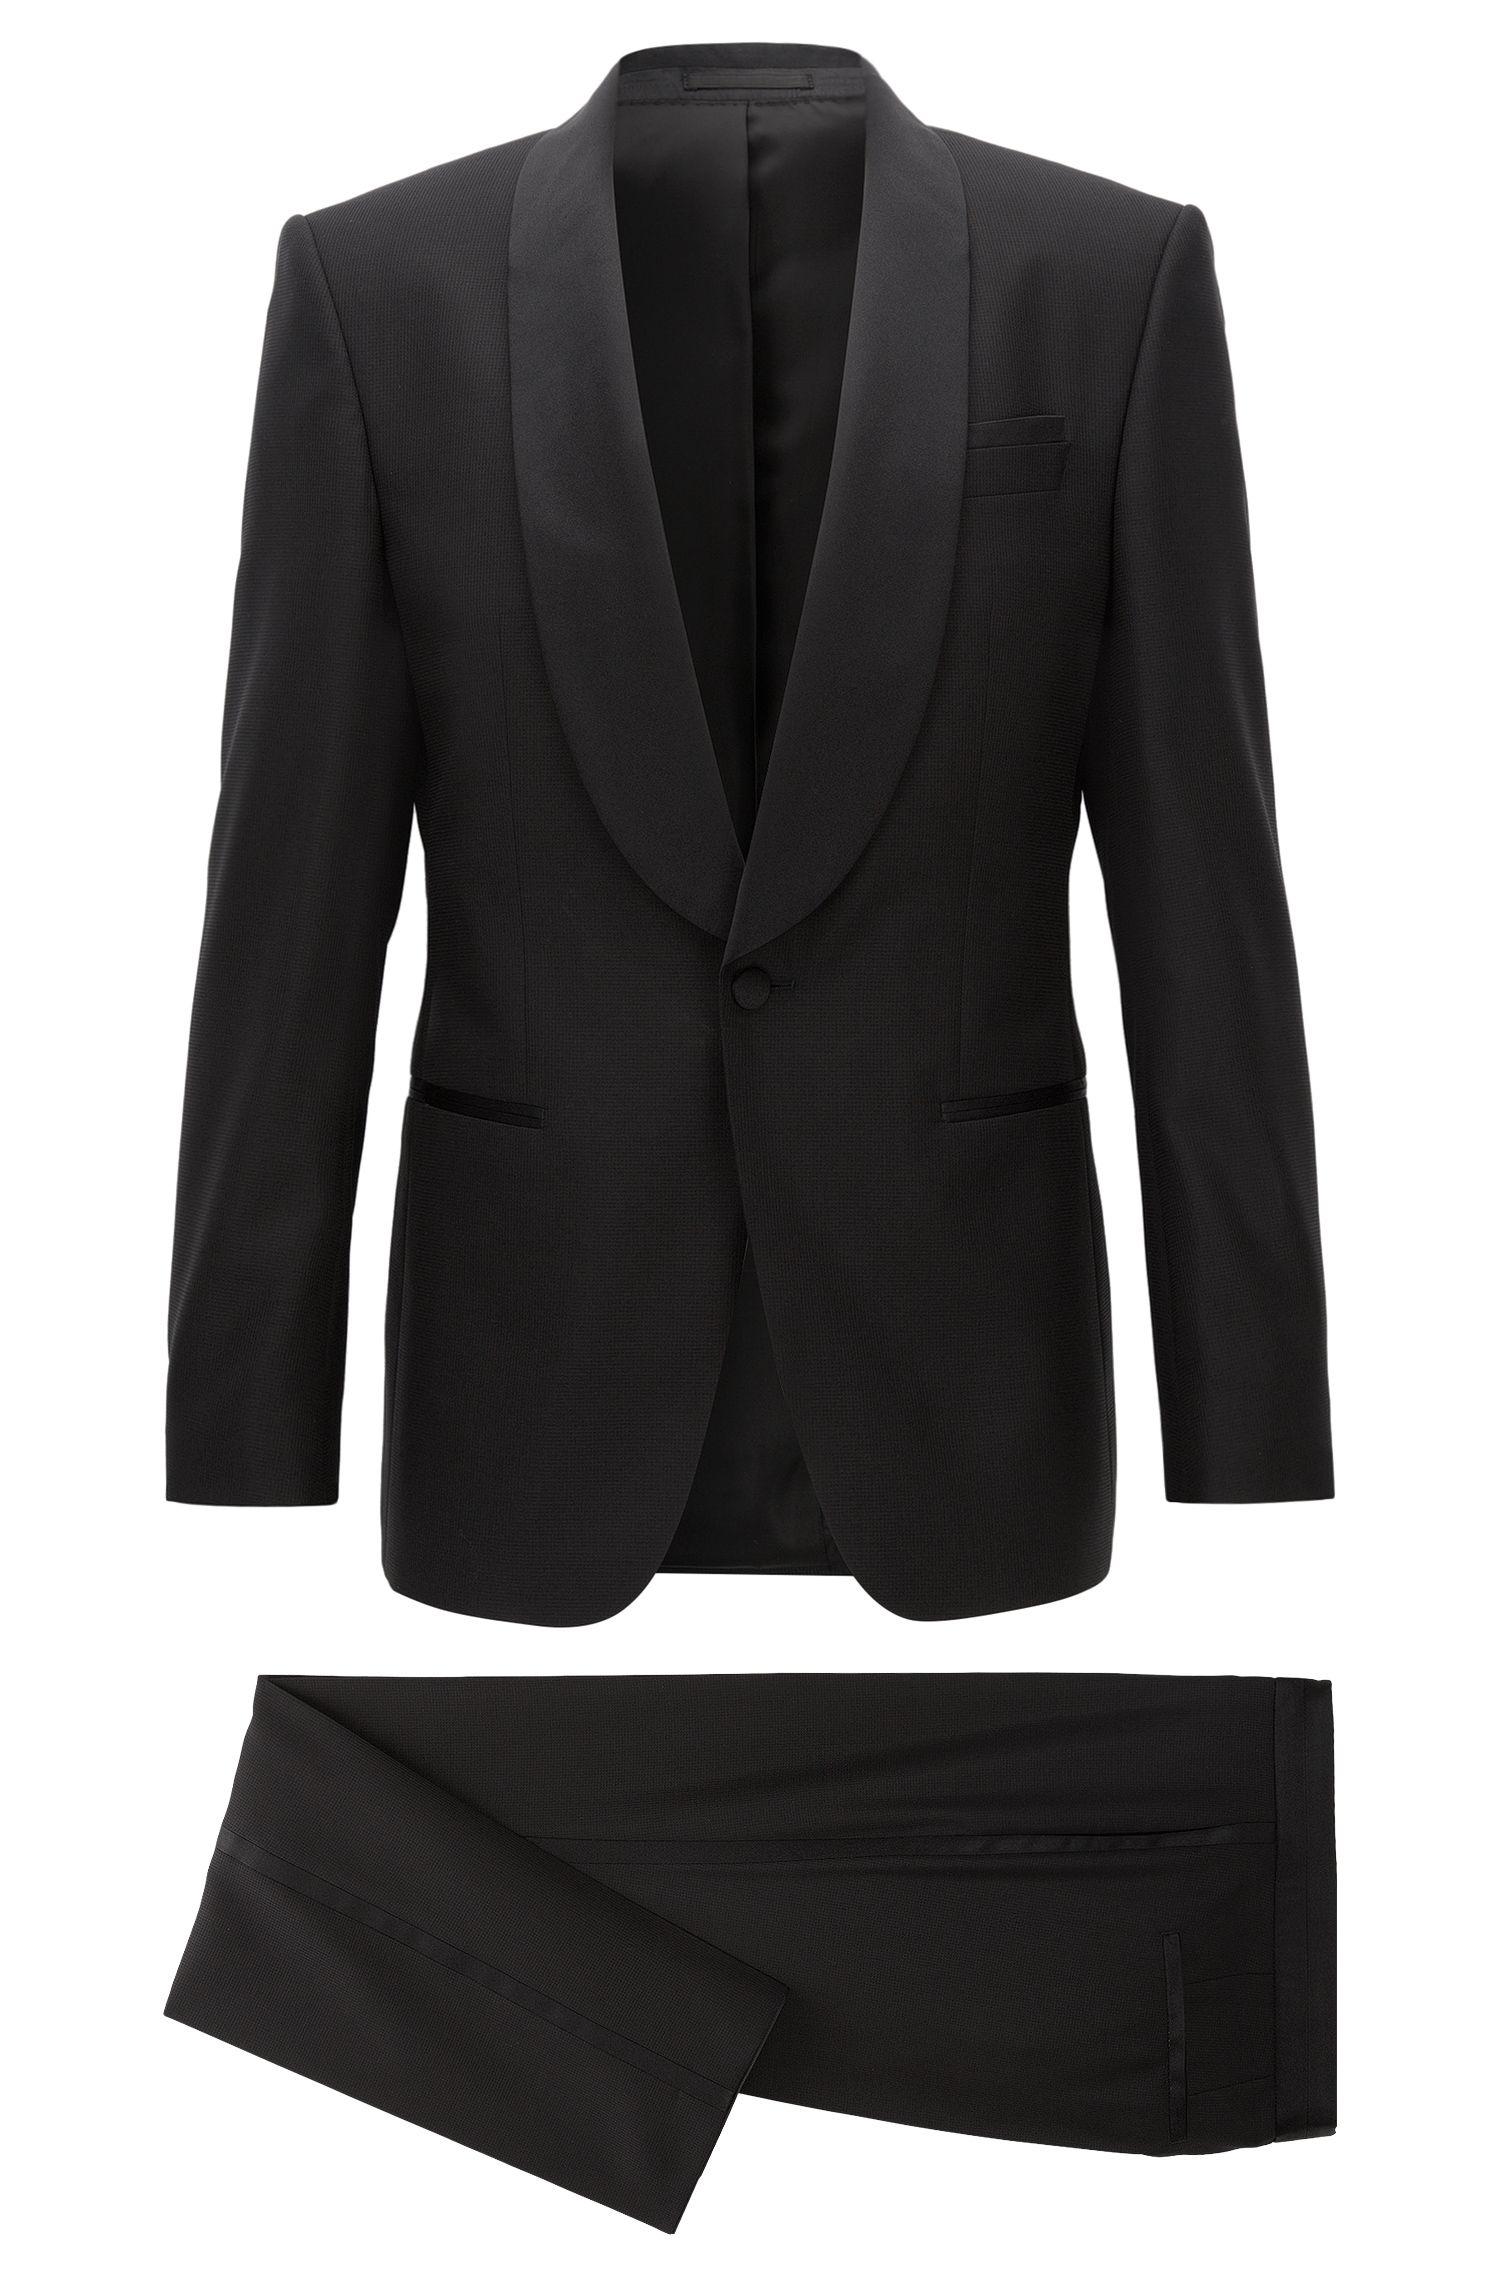 Virgin Wool-Silk Tuxedo, Slim Fit | Herwyn/Gewon